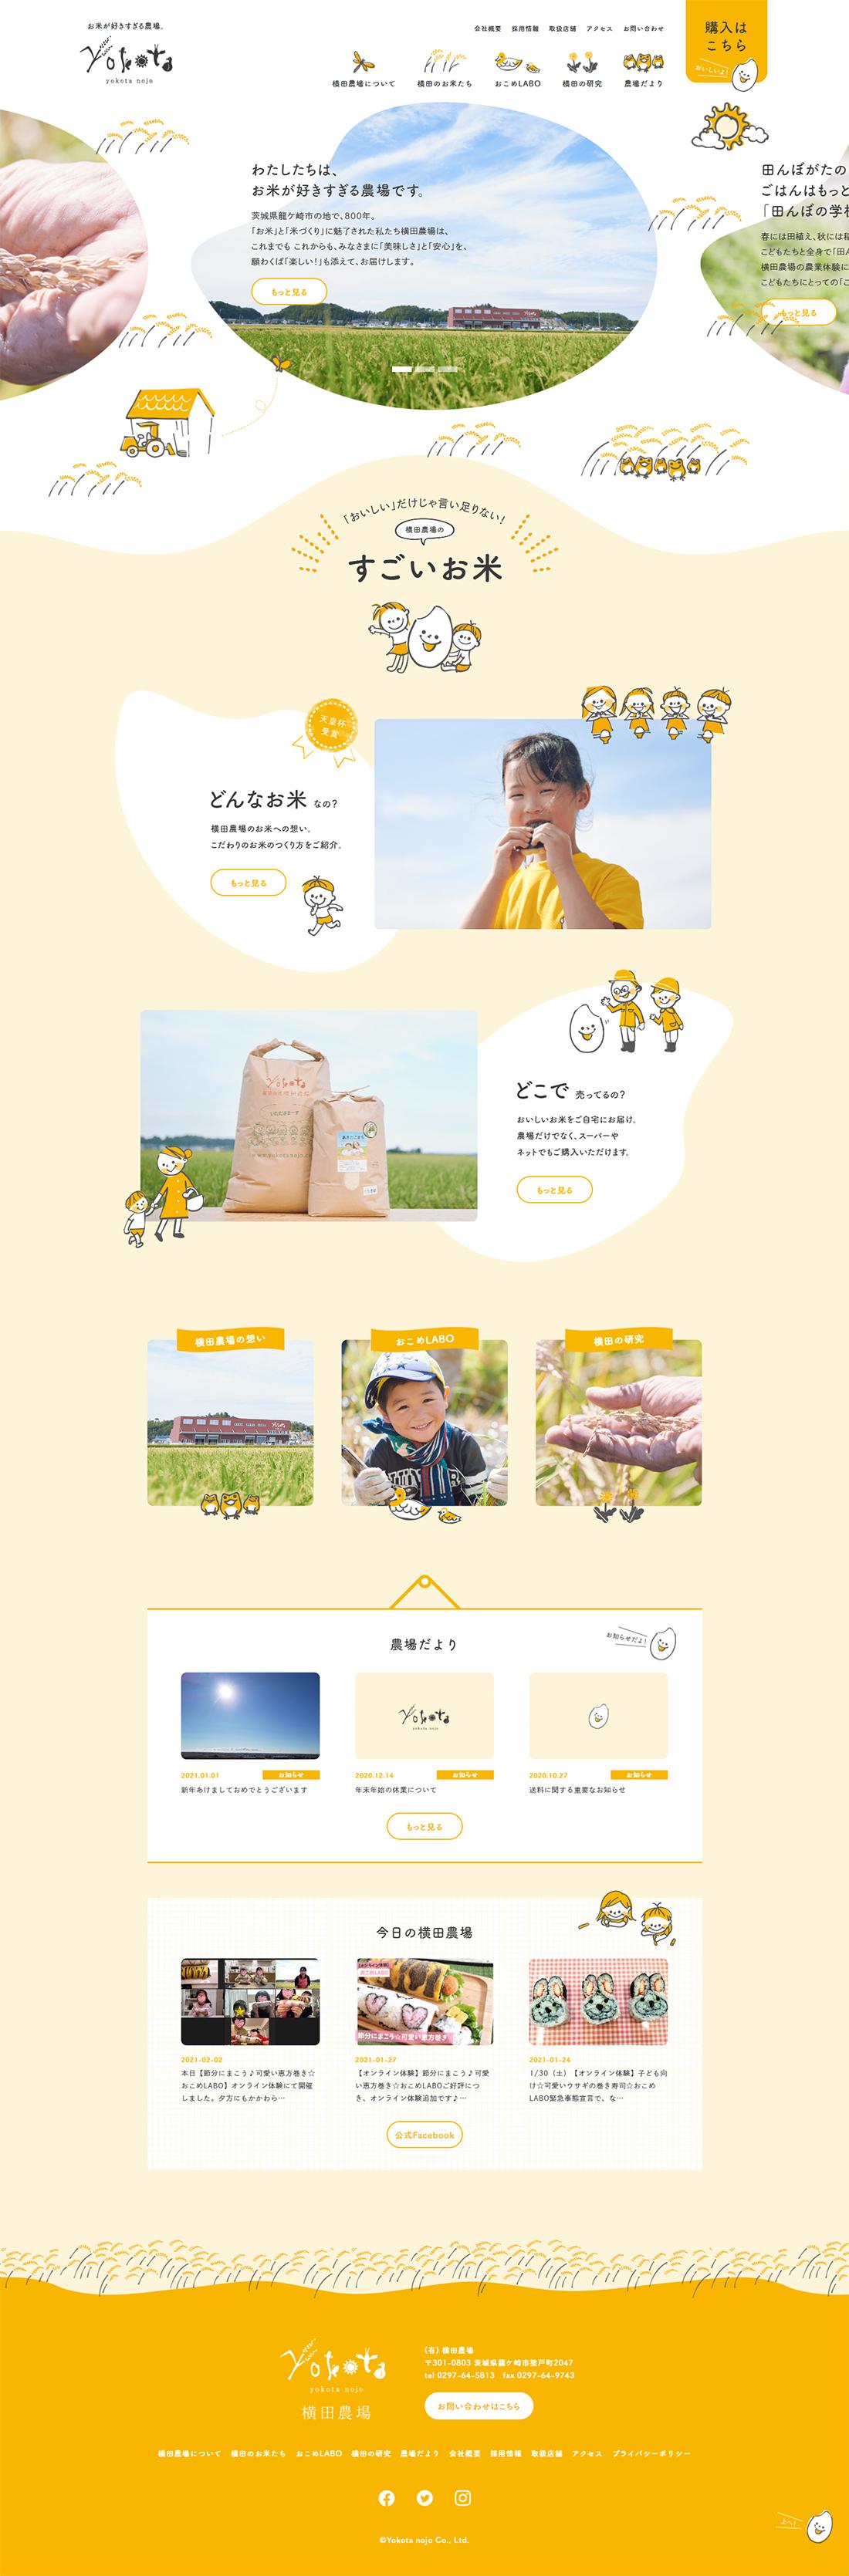 横田農場 おいしくて安全なお米の生産直売